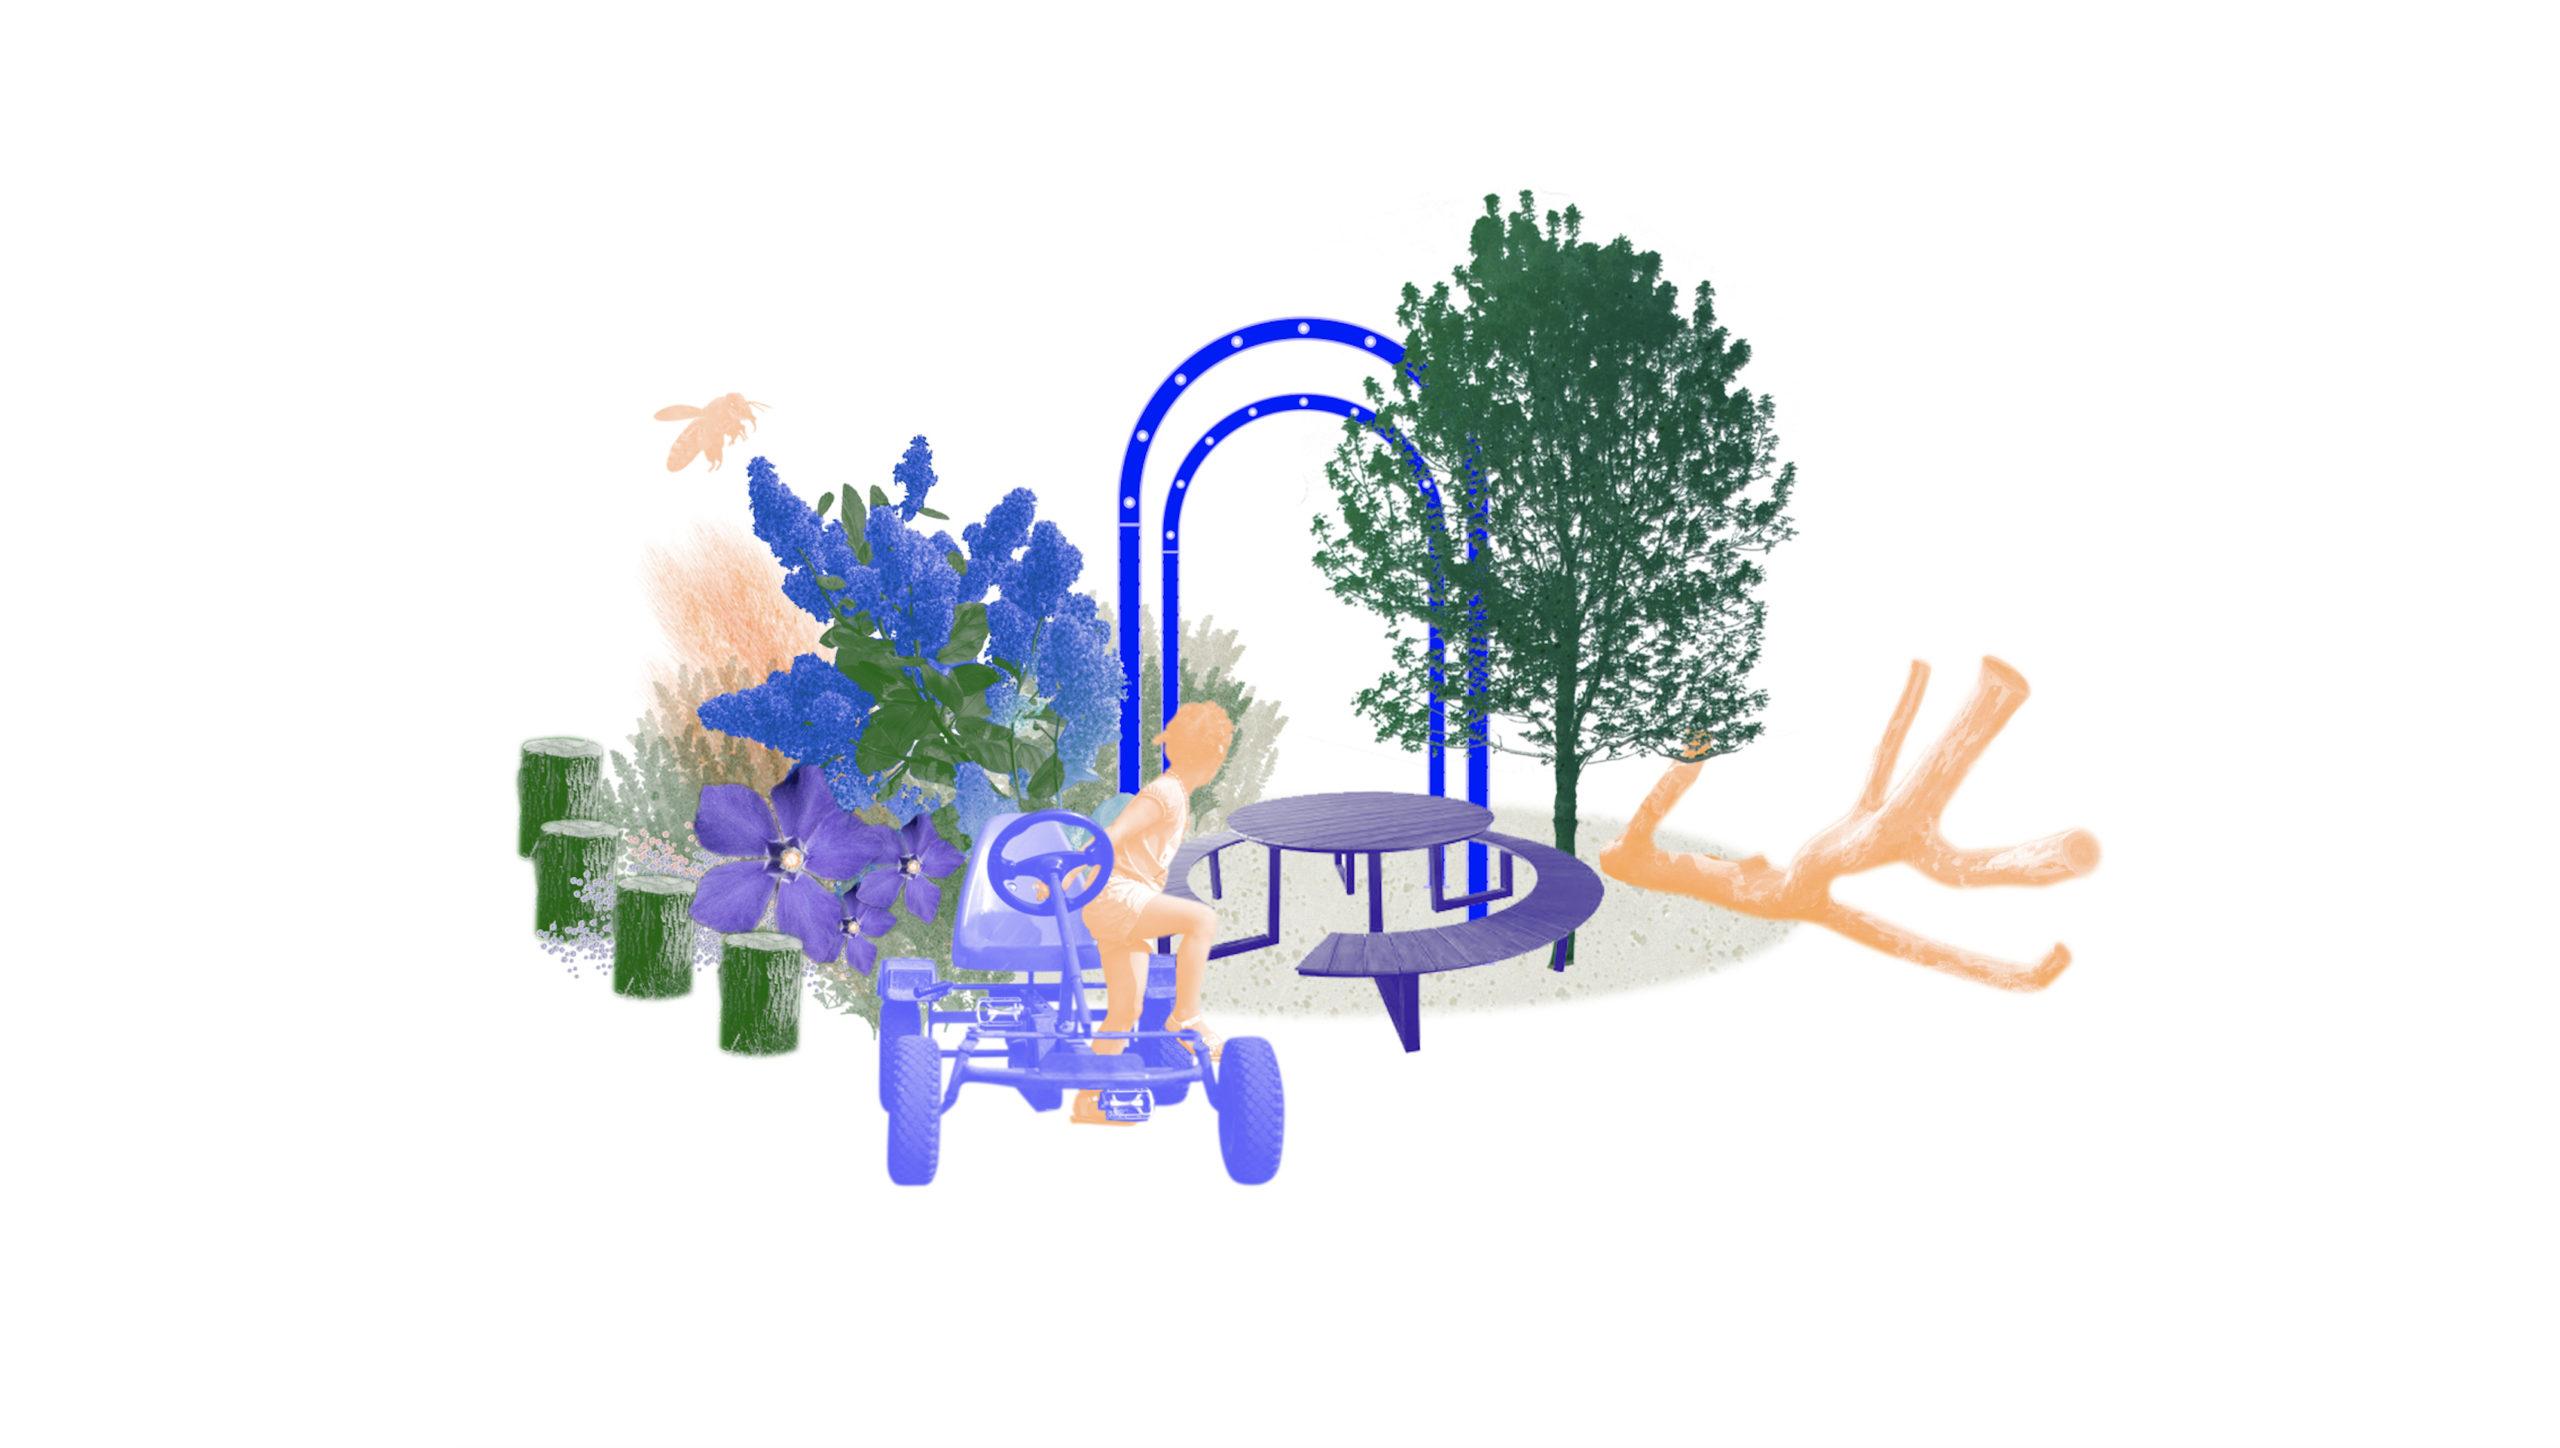 Schermafbeelding 2020-09-18 om 15.34.47